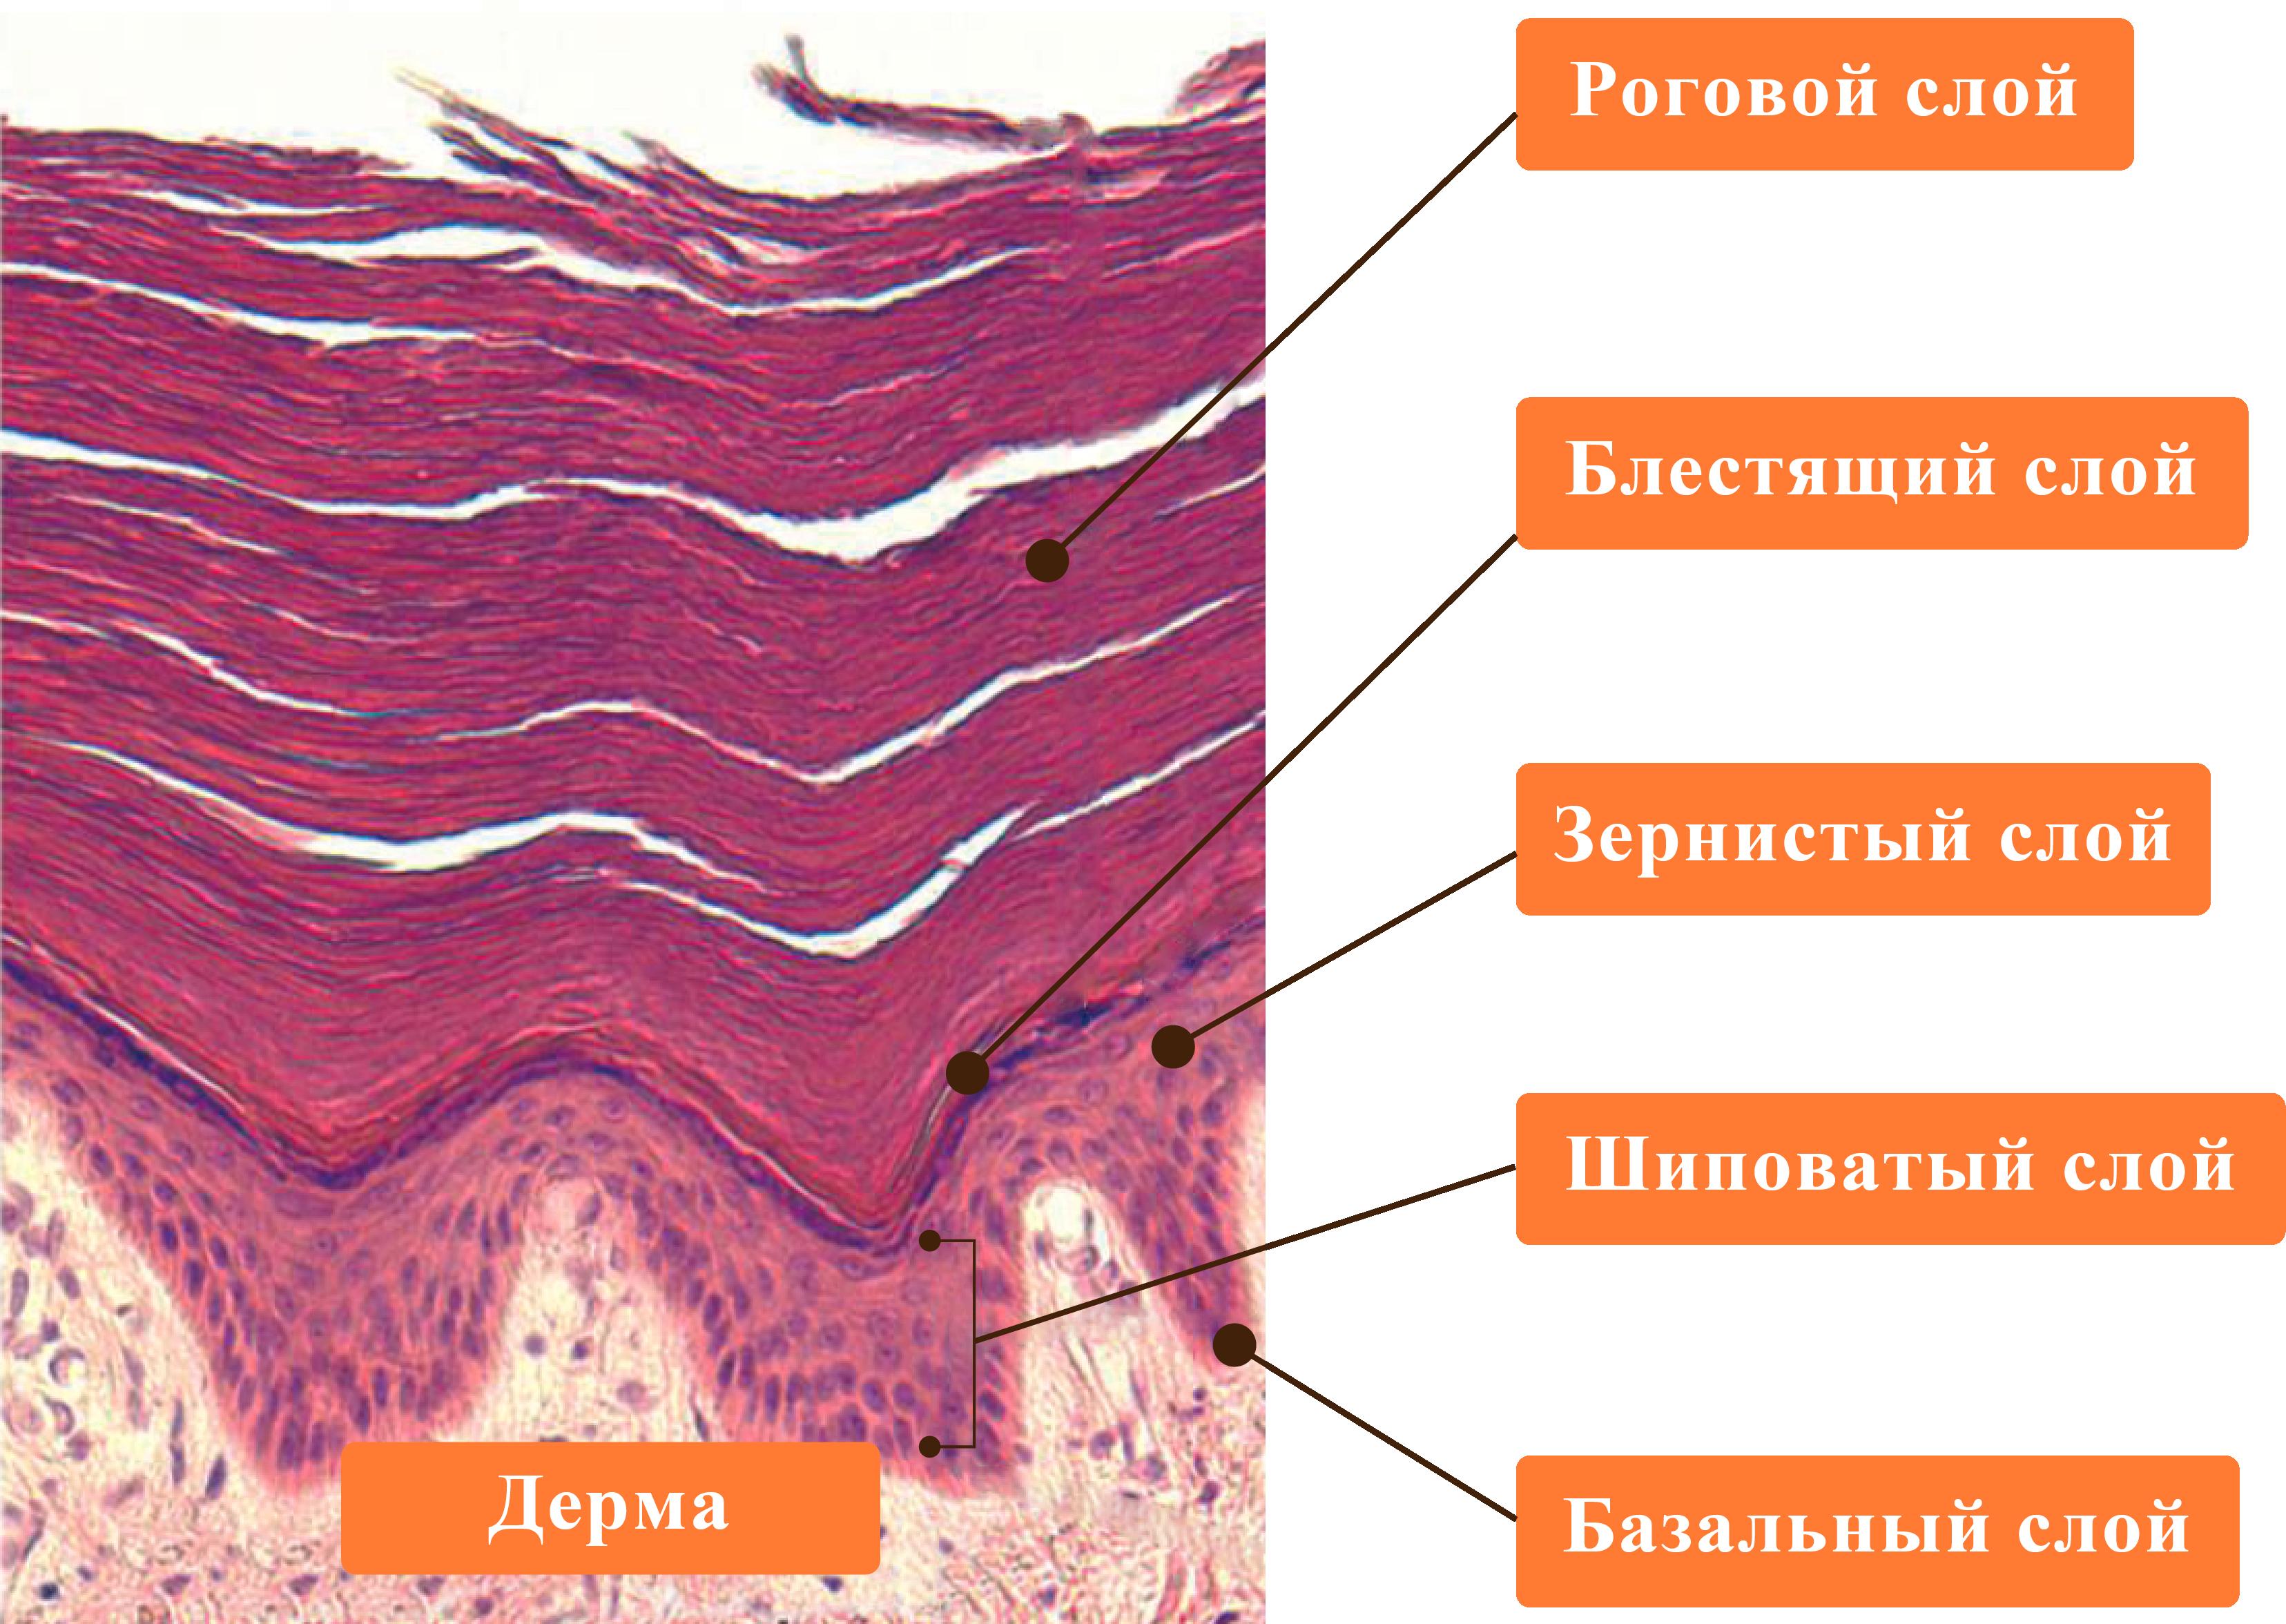 Многослойный эпителий кожи